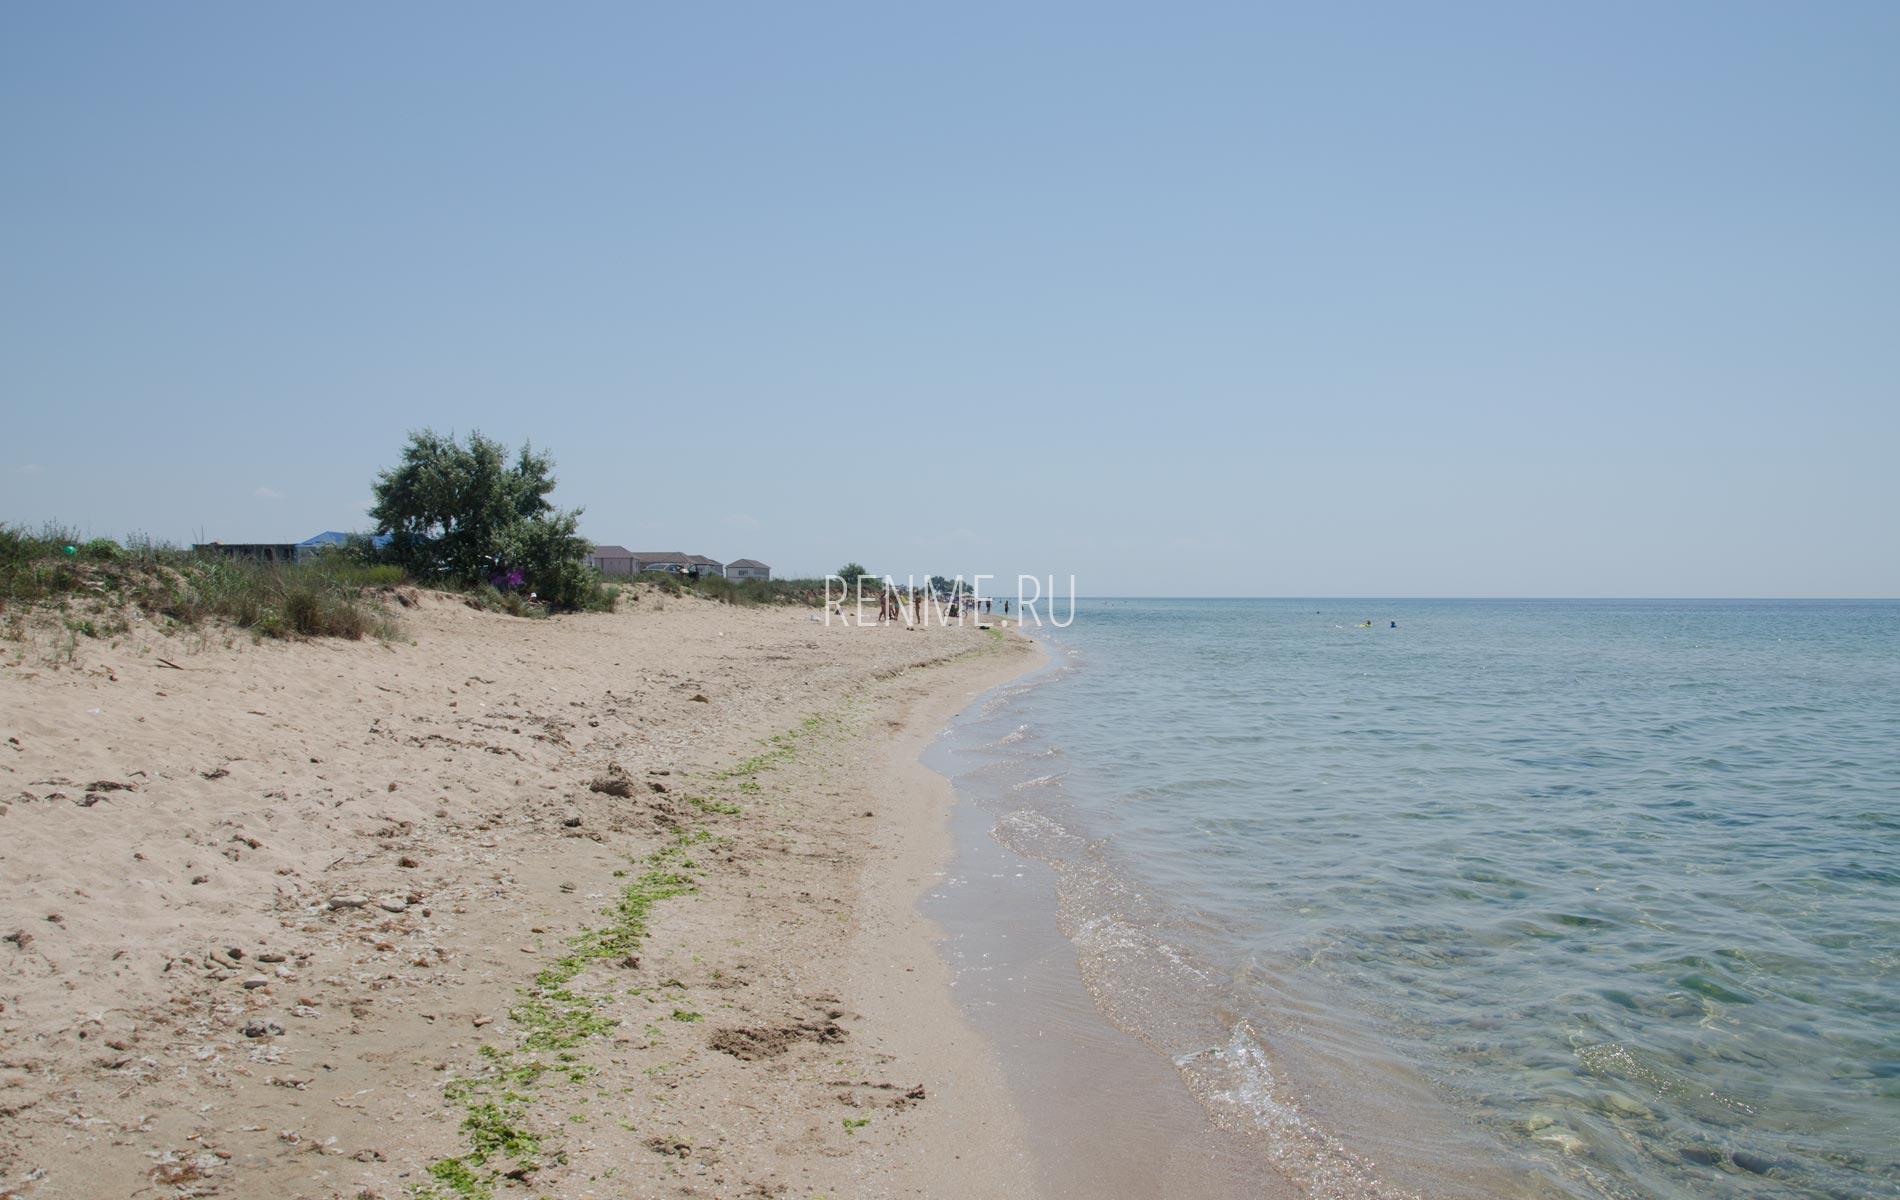 Дикий песчаный пляж в Крыму. Фото Заозёрного